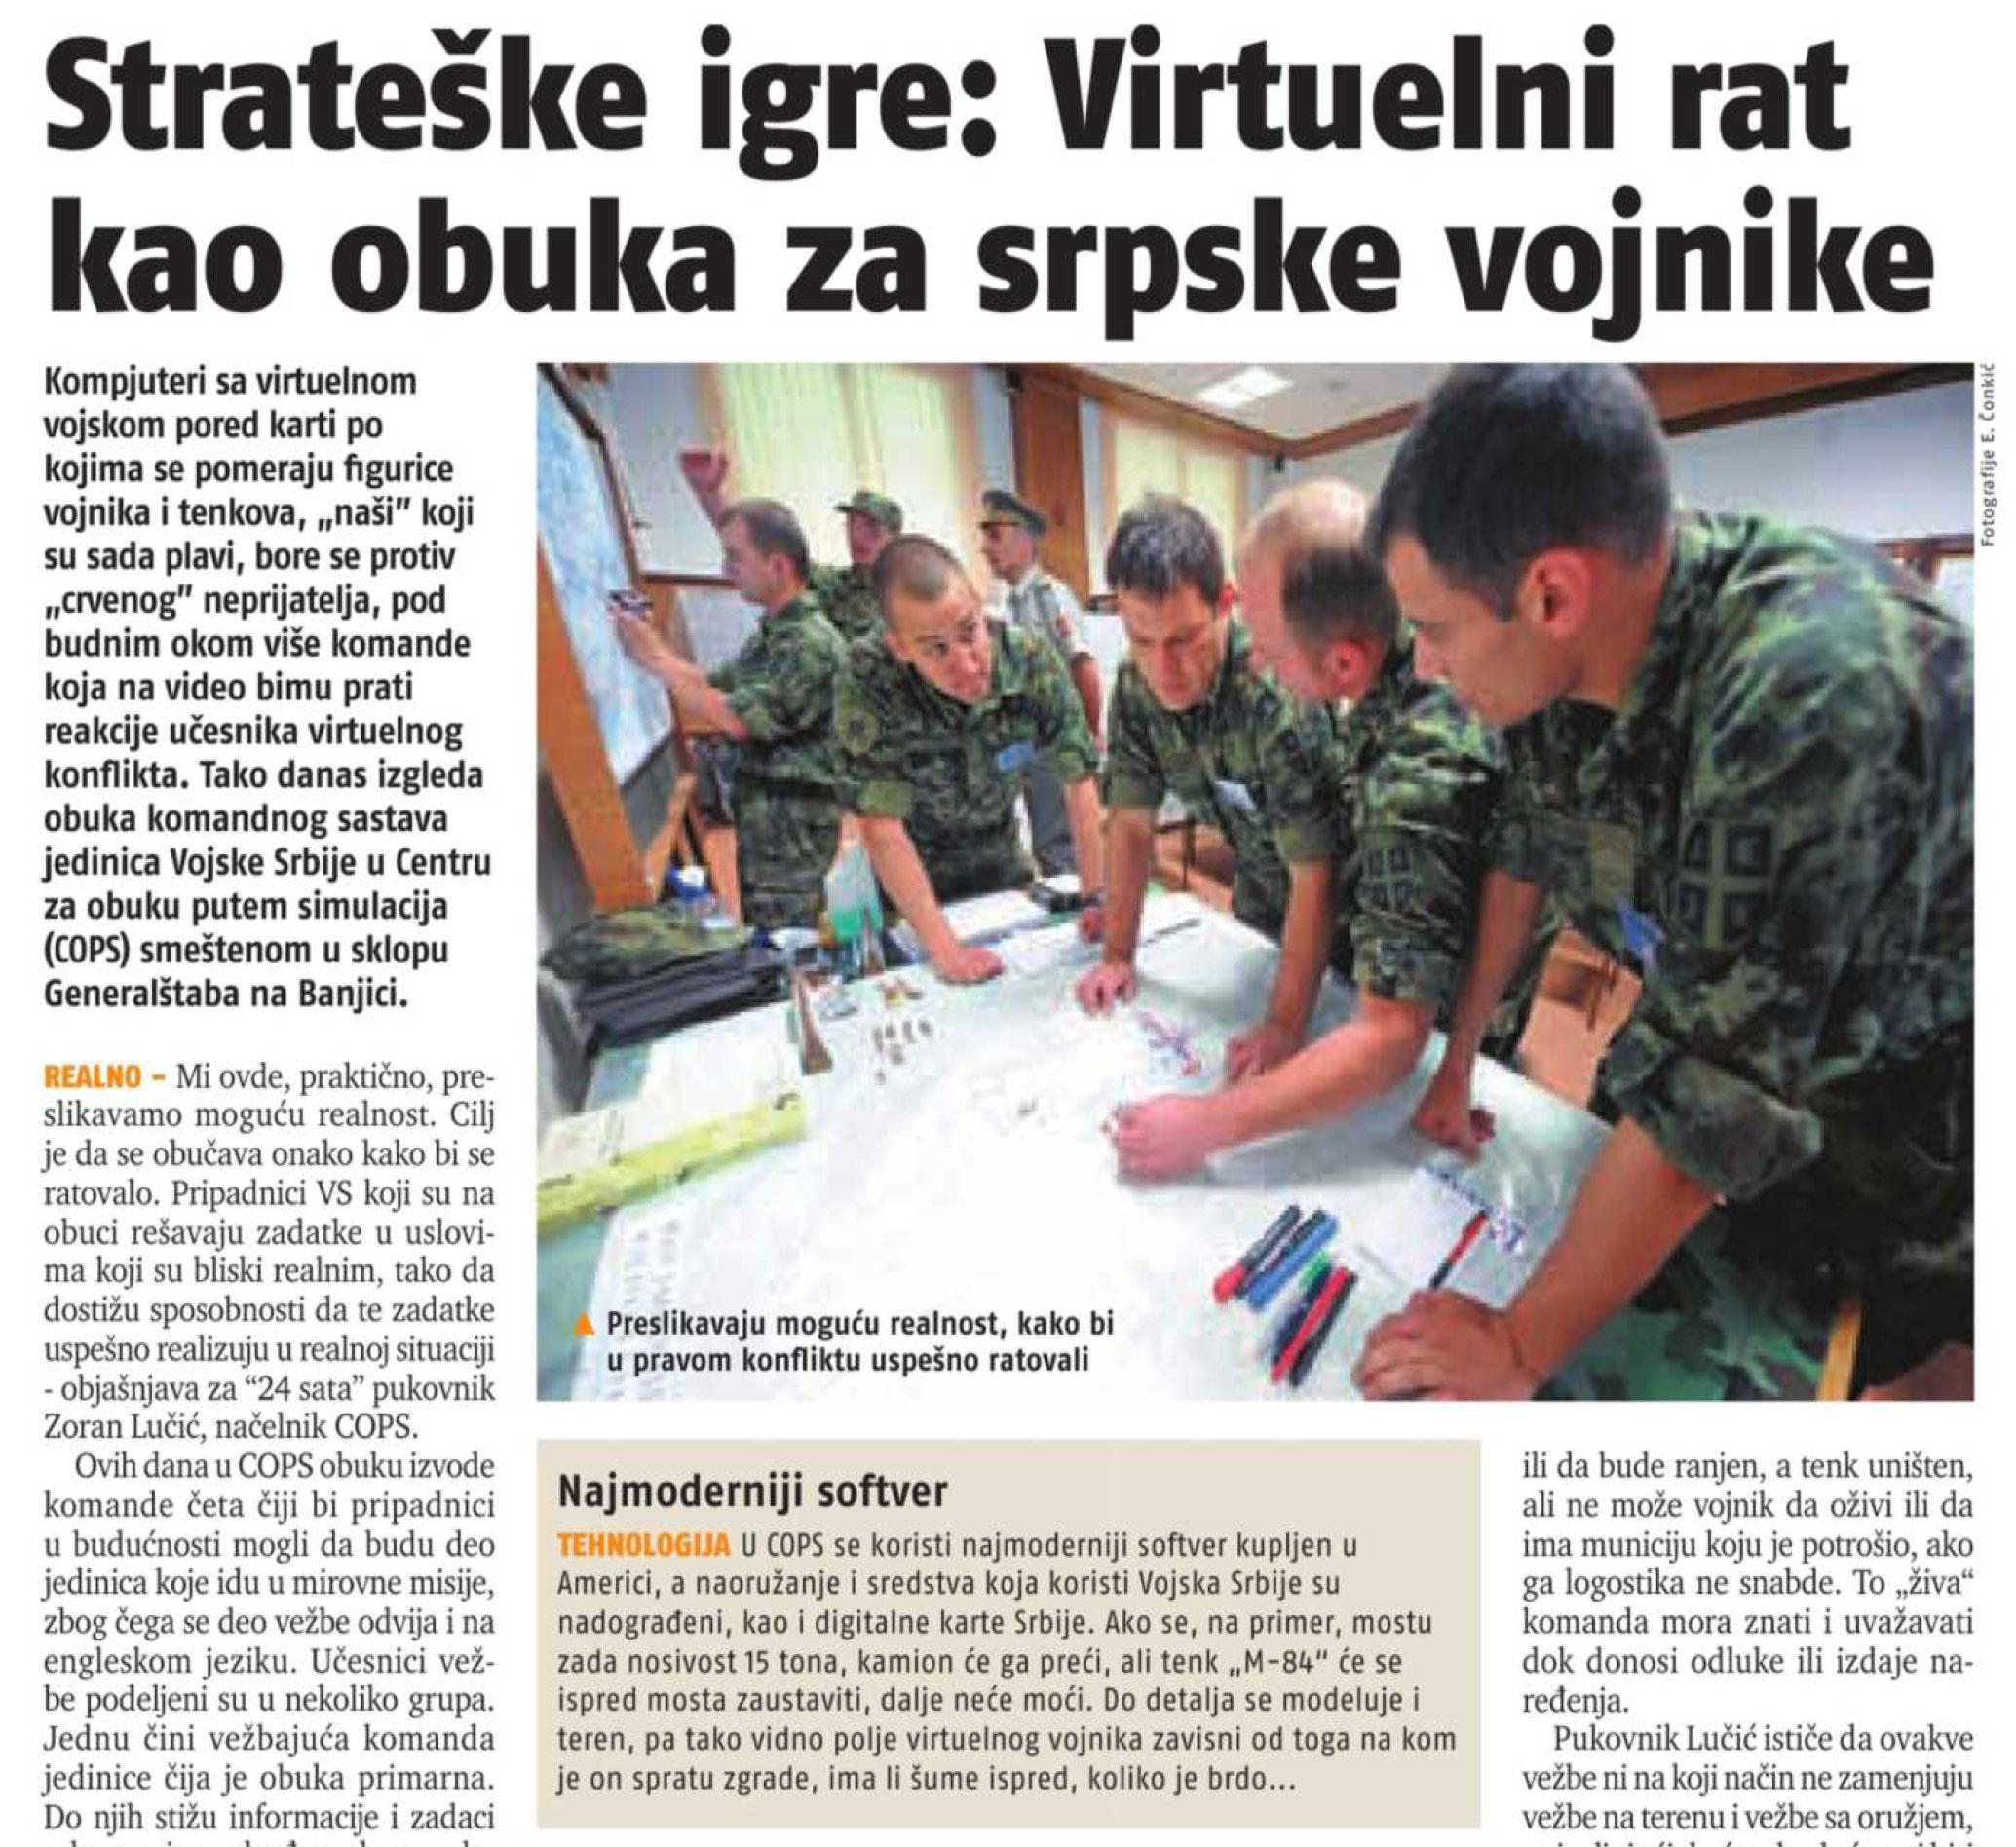 Виртуелне стратешке игре део обуке српске војске